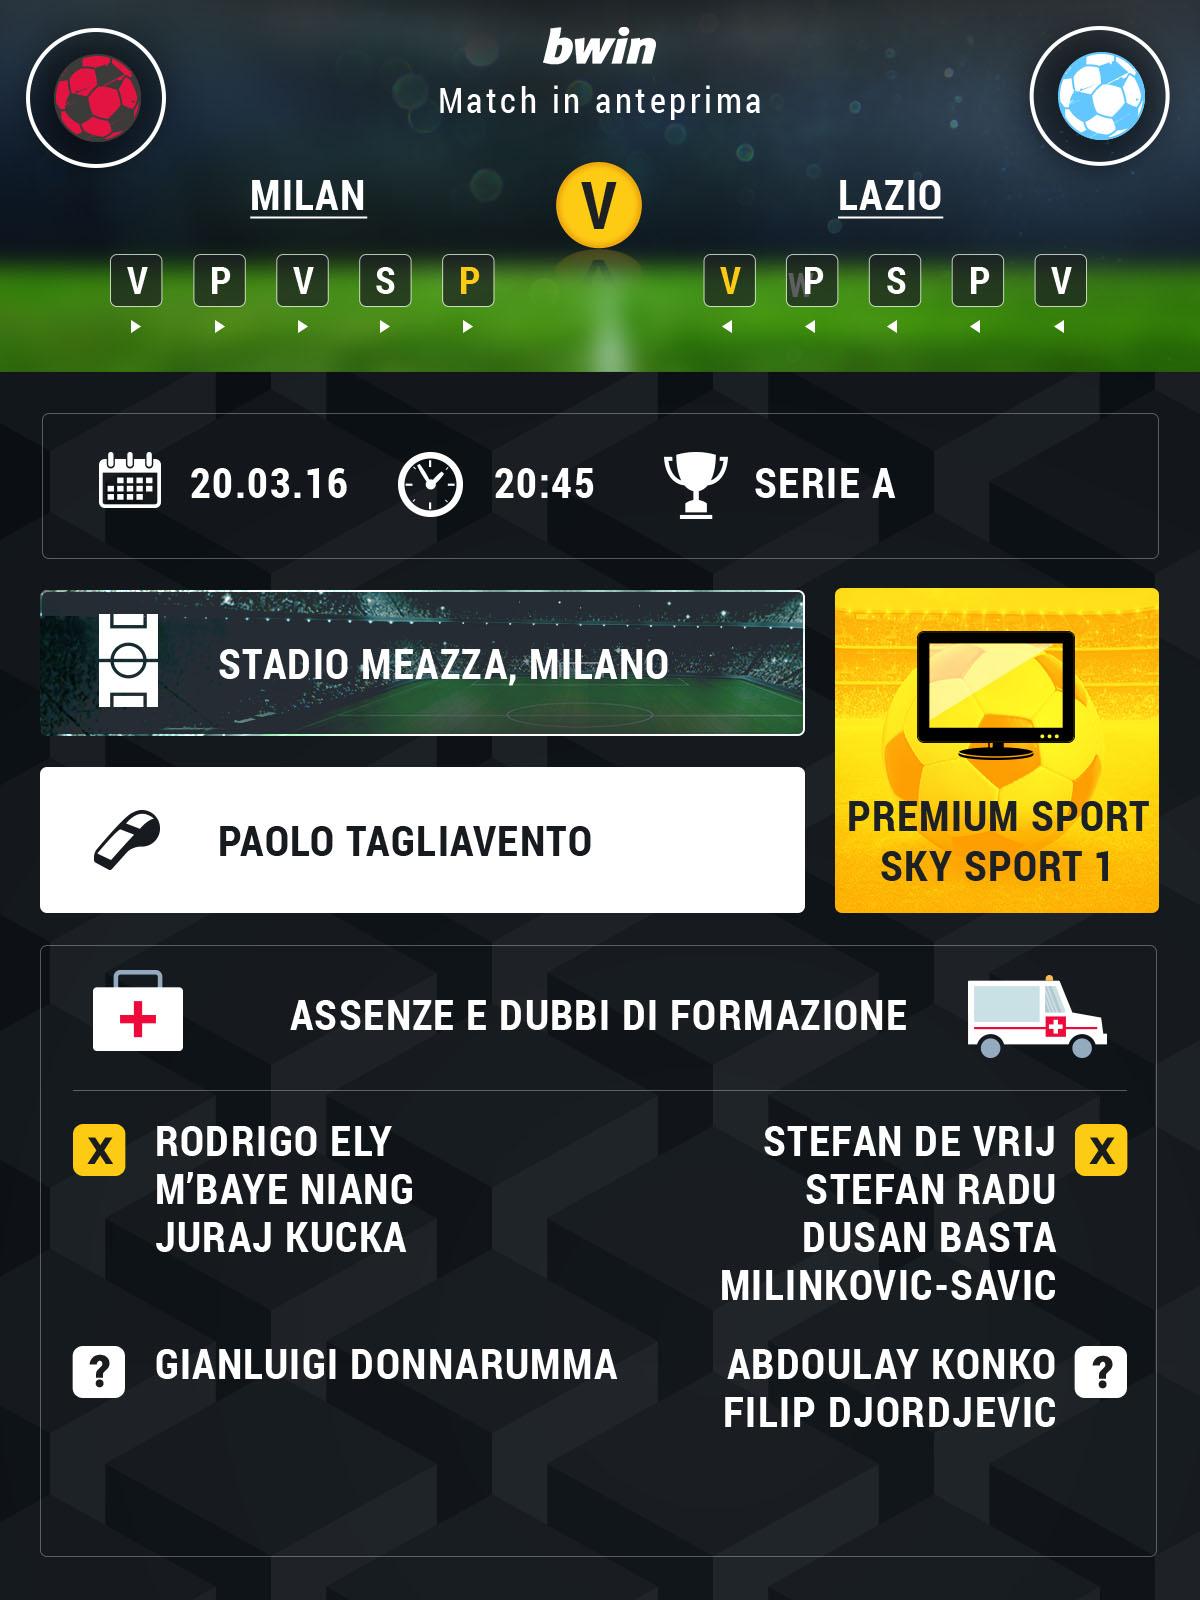 Milan-Lazio preview